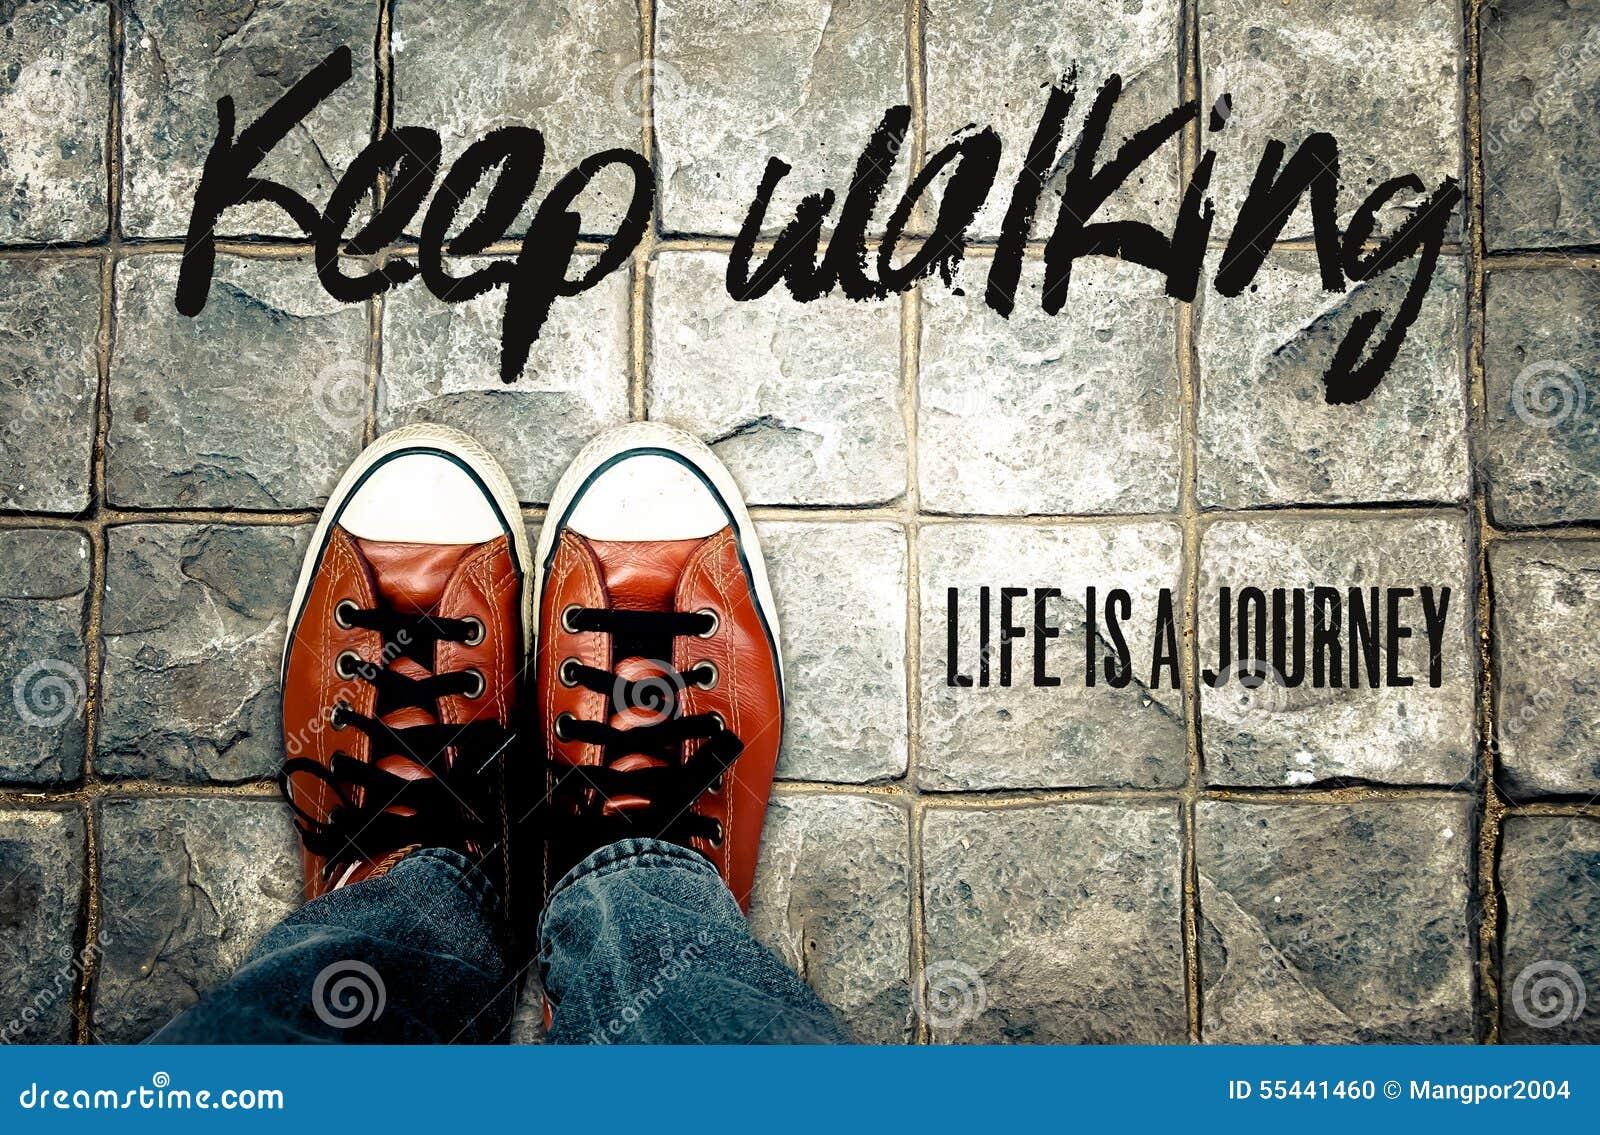 Houd lopend het leven is een reis, Inspiratiecitaat